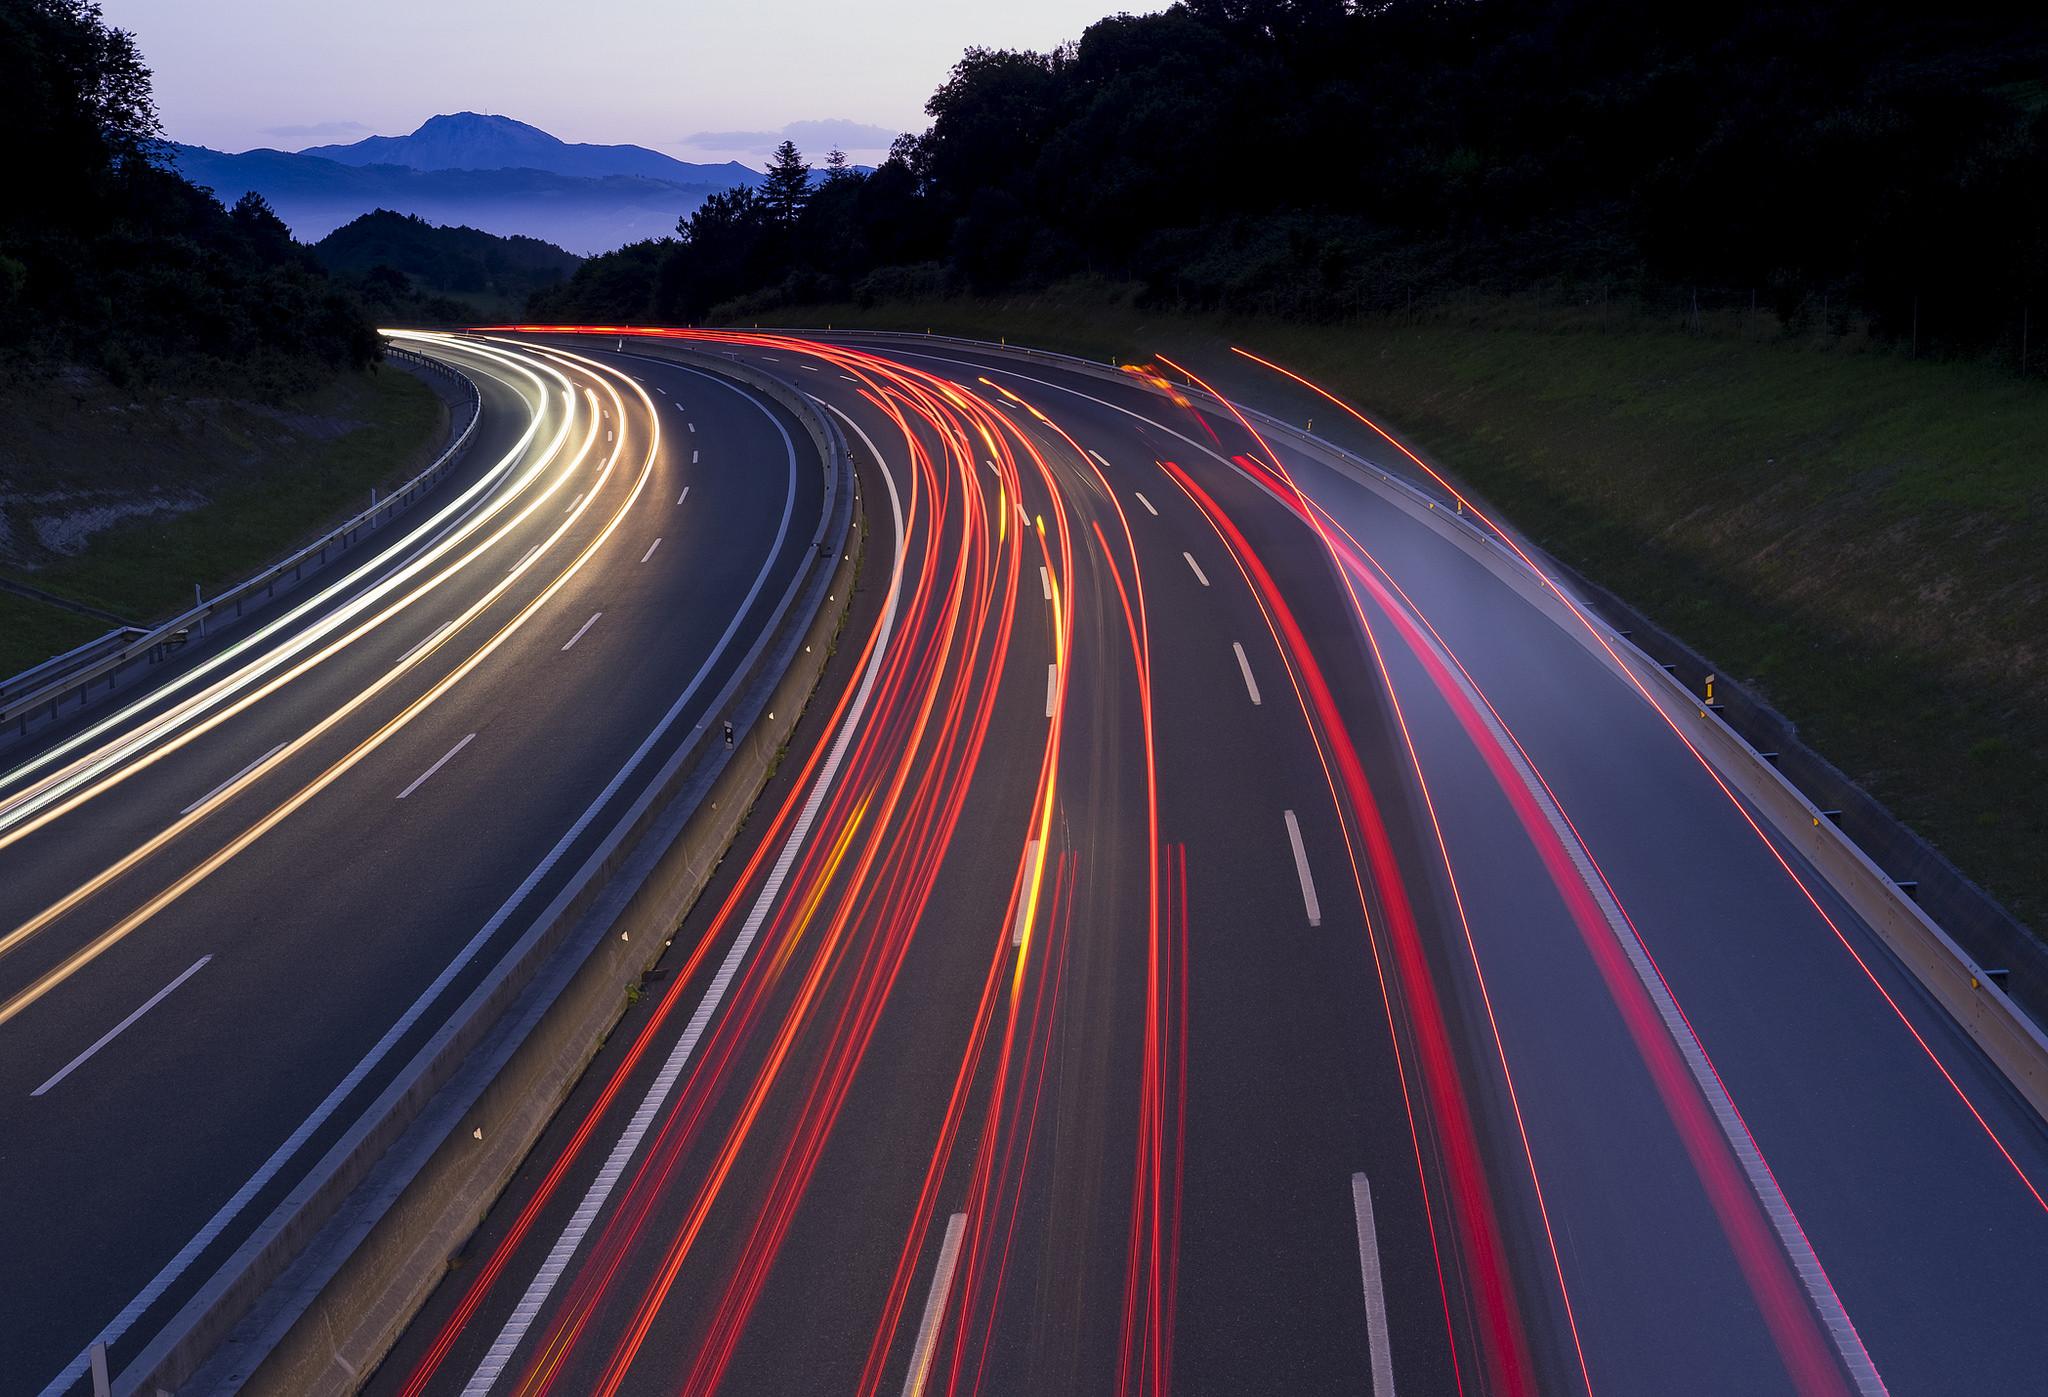 Reducir la velocidad en las carreteras para salvar vidas. Francia ya lo aplica